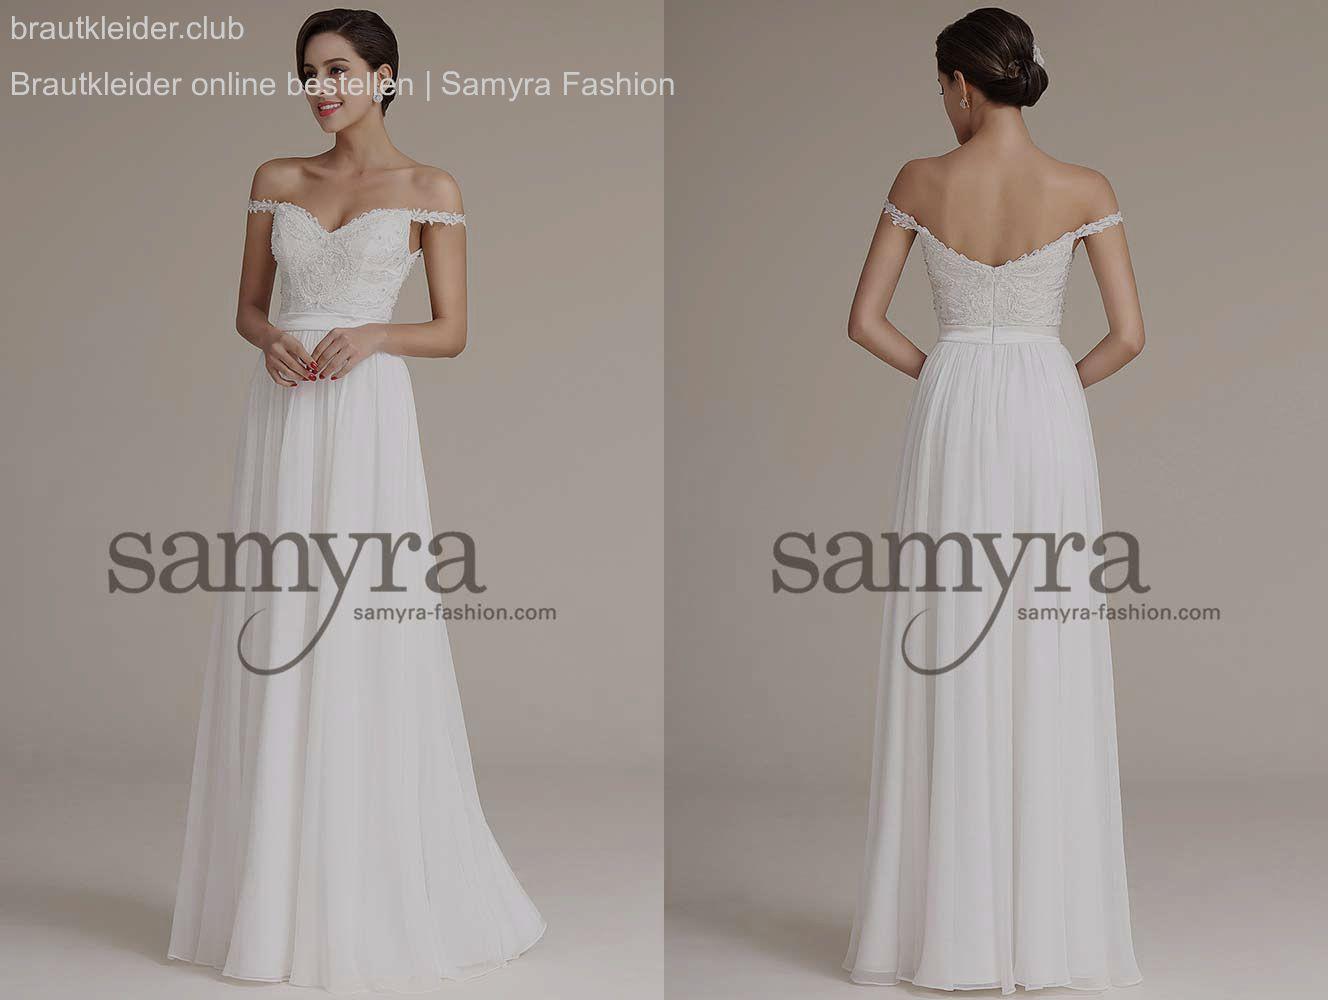 Brautkleider Online Bestellen | Samyra Fashion